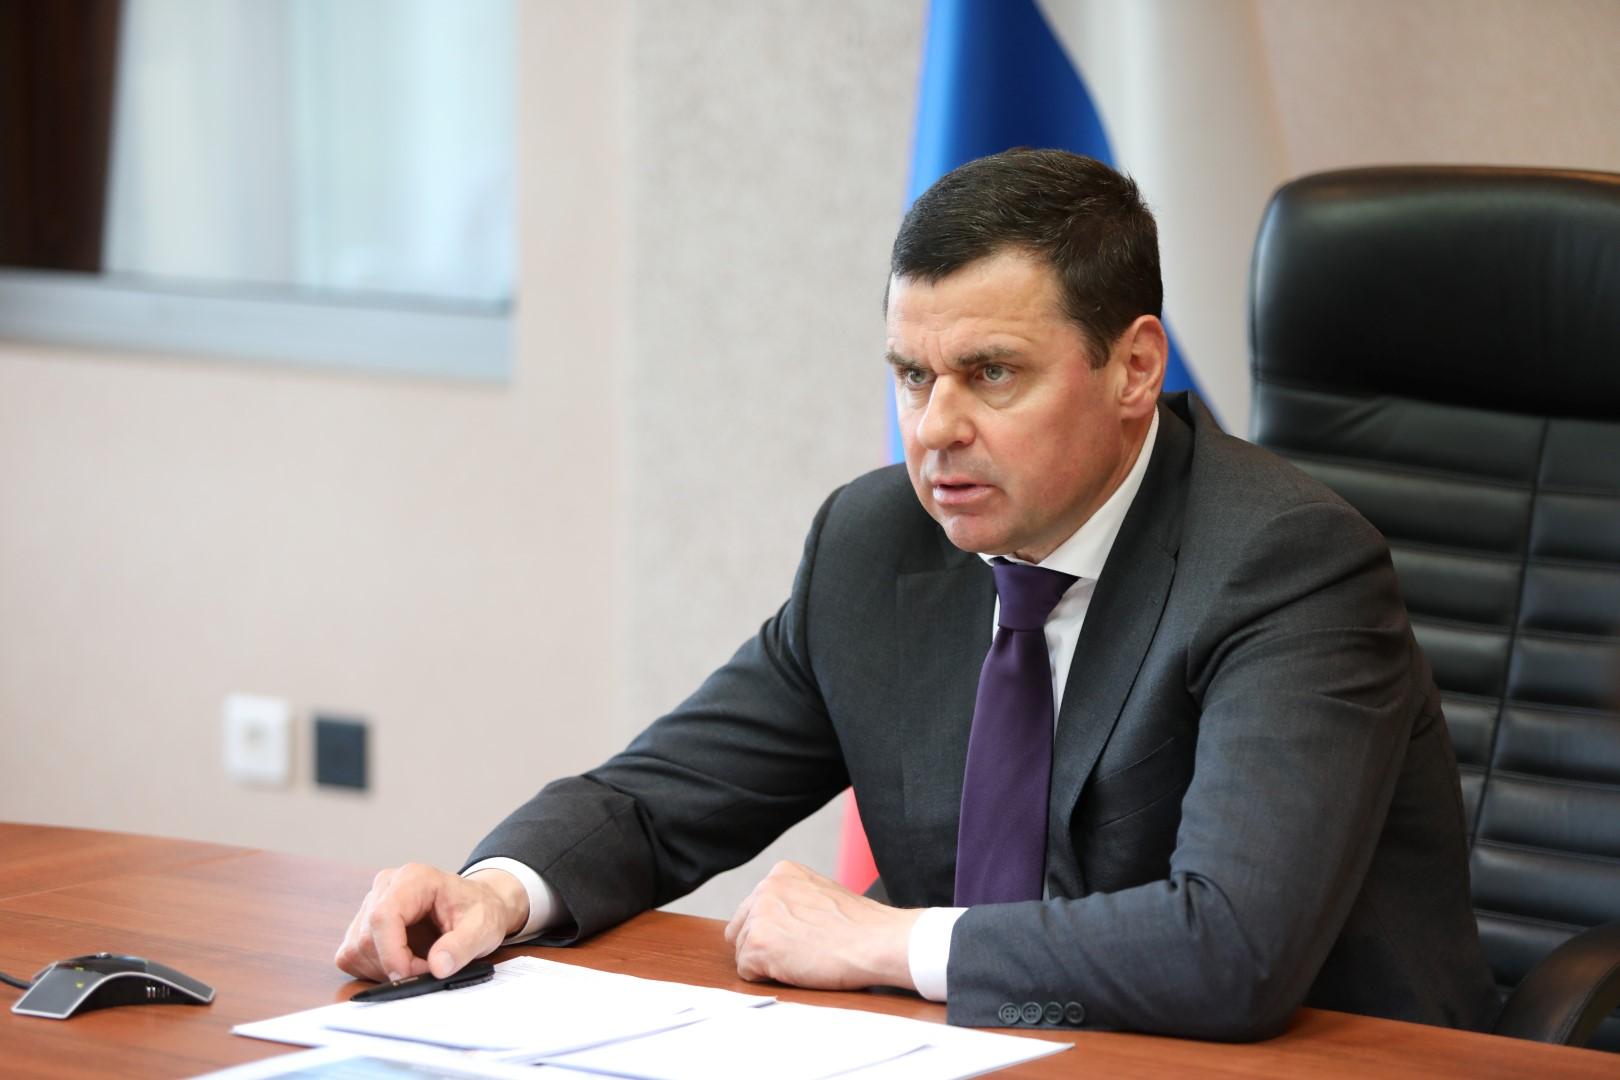 Дмитрий Миронов поручил провести ревизию объектов образования и усилить их антитеррористическую защищенность